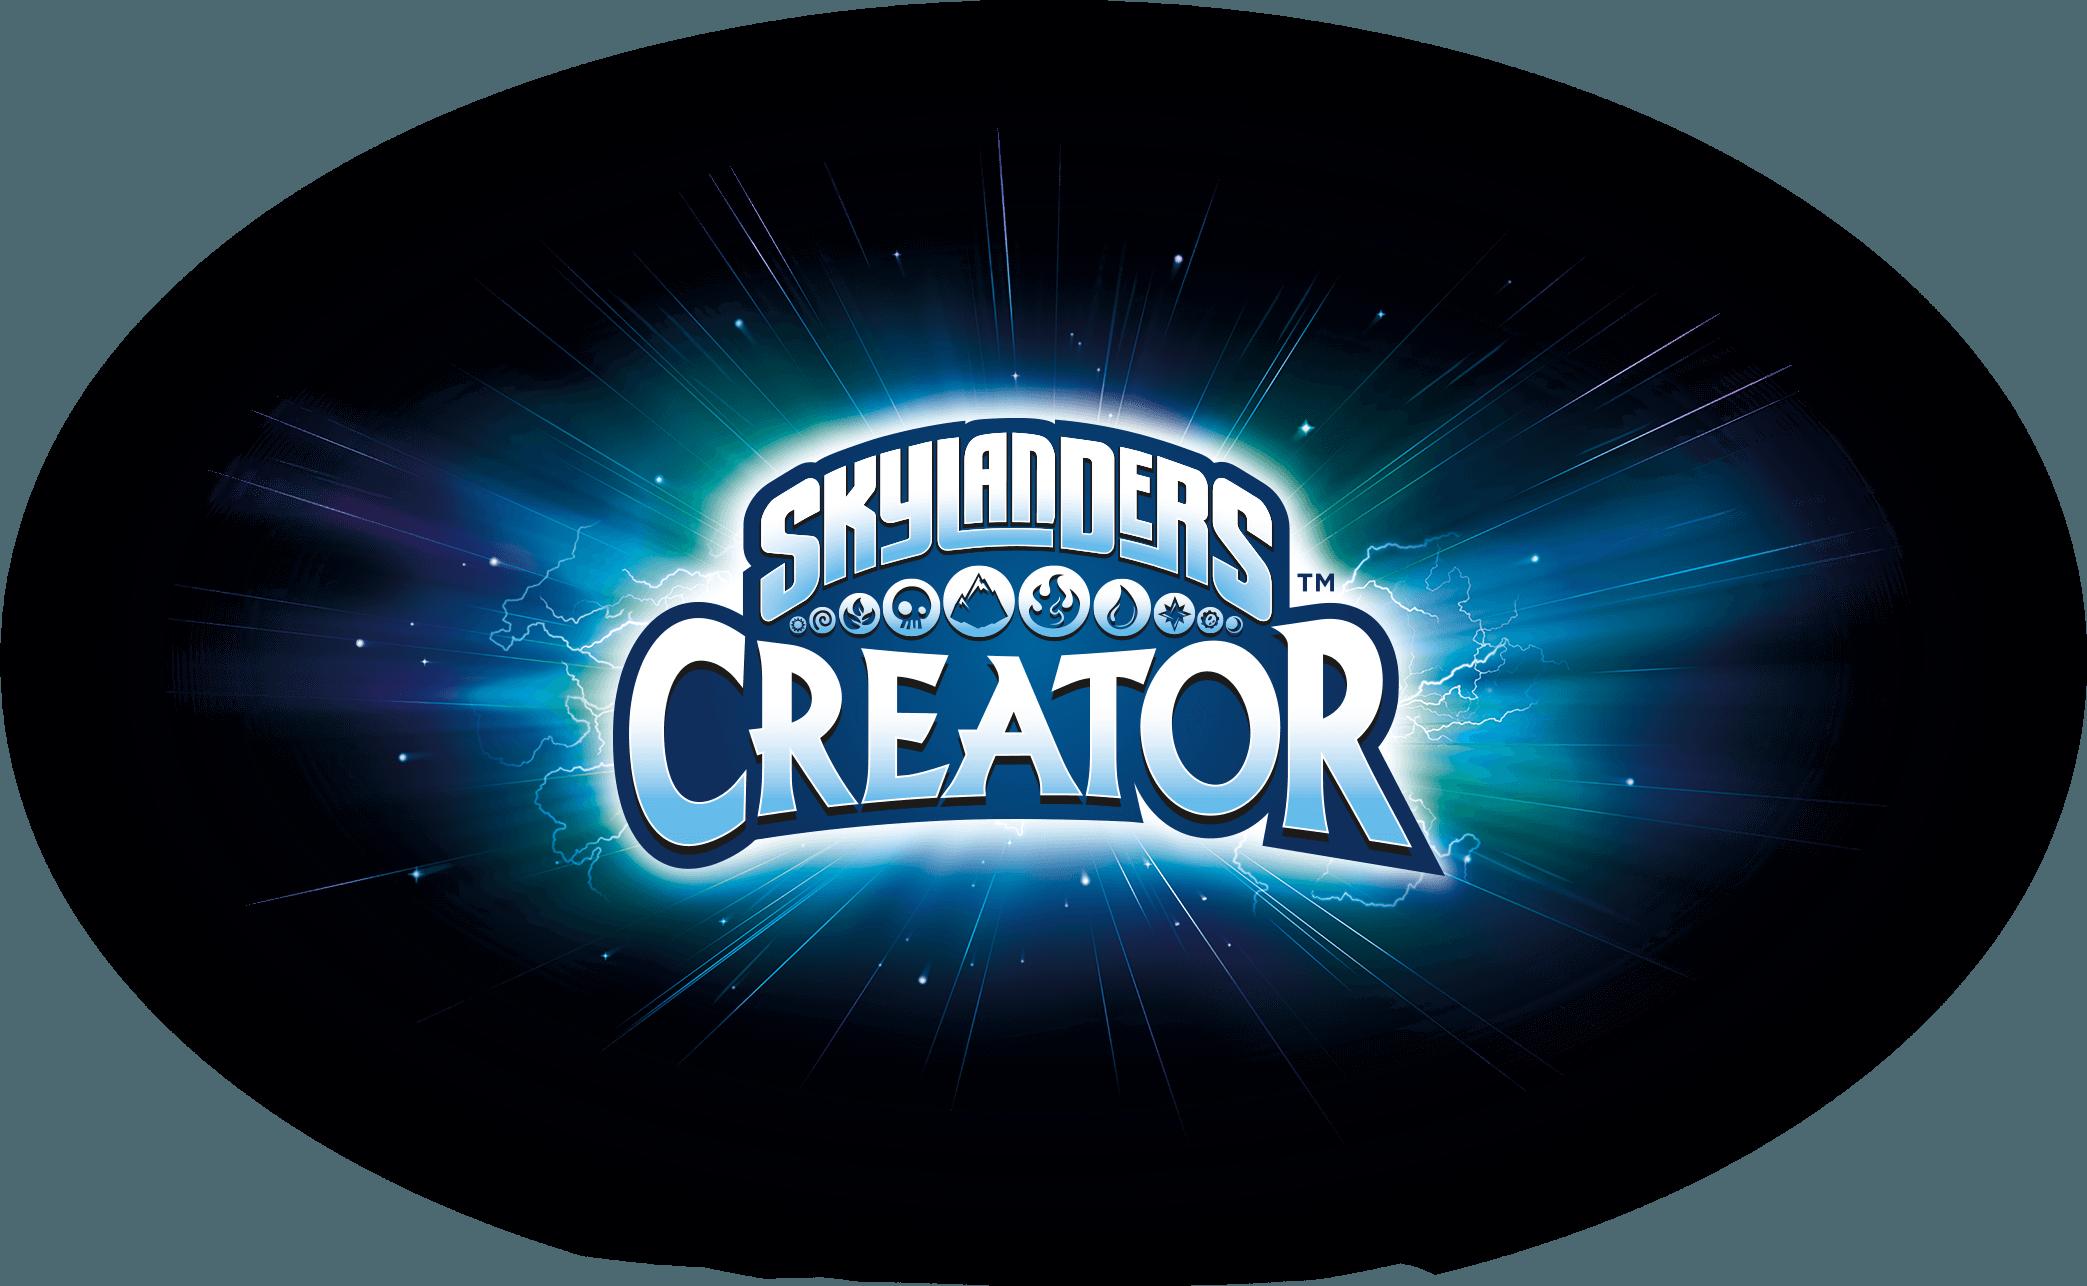 Skylanders Creator.